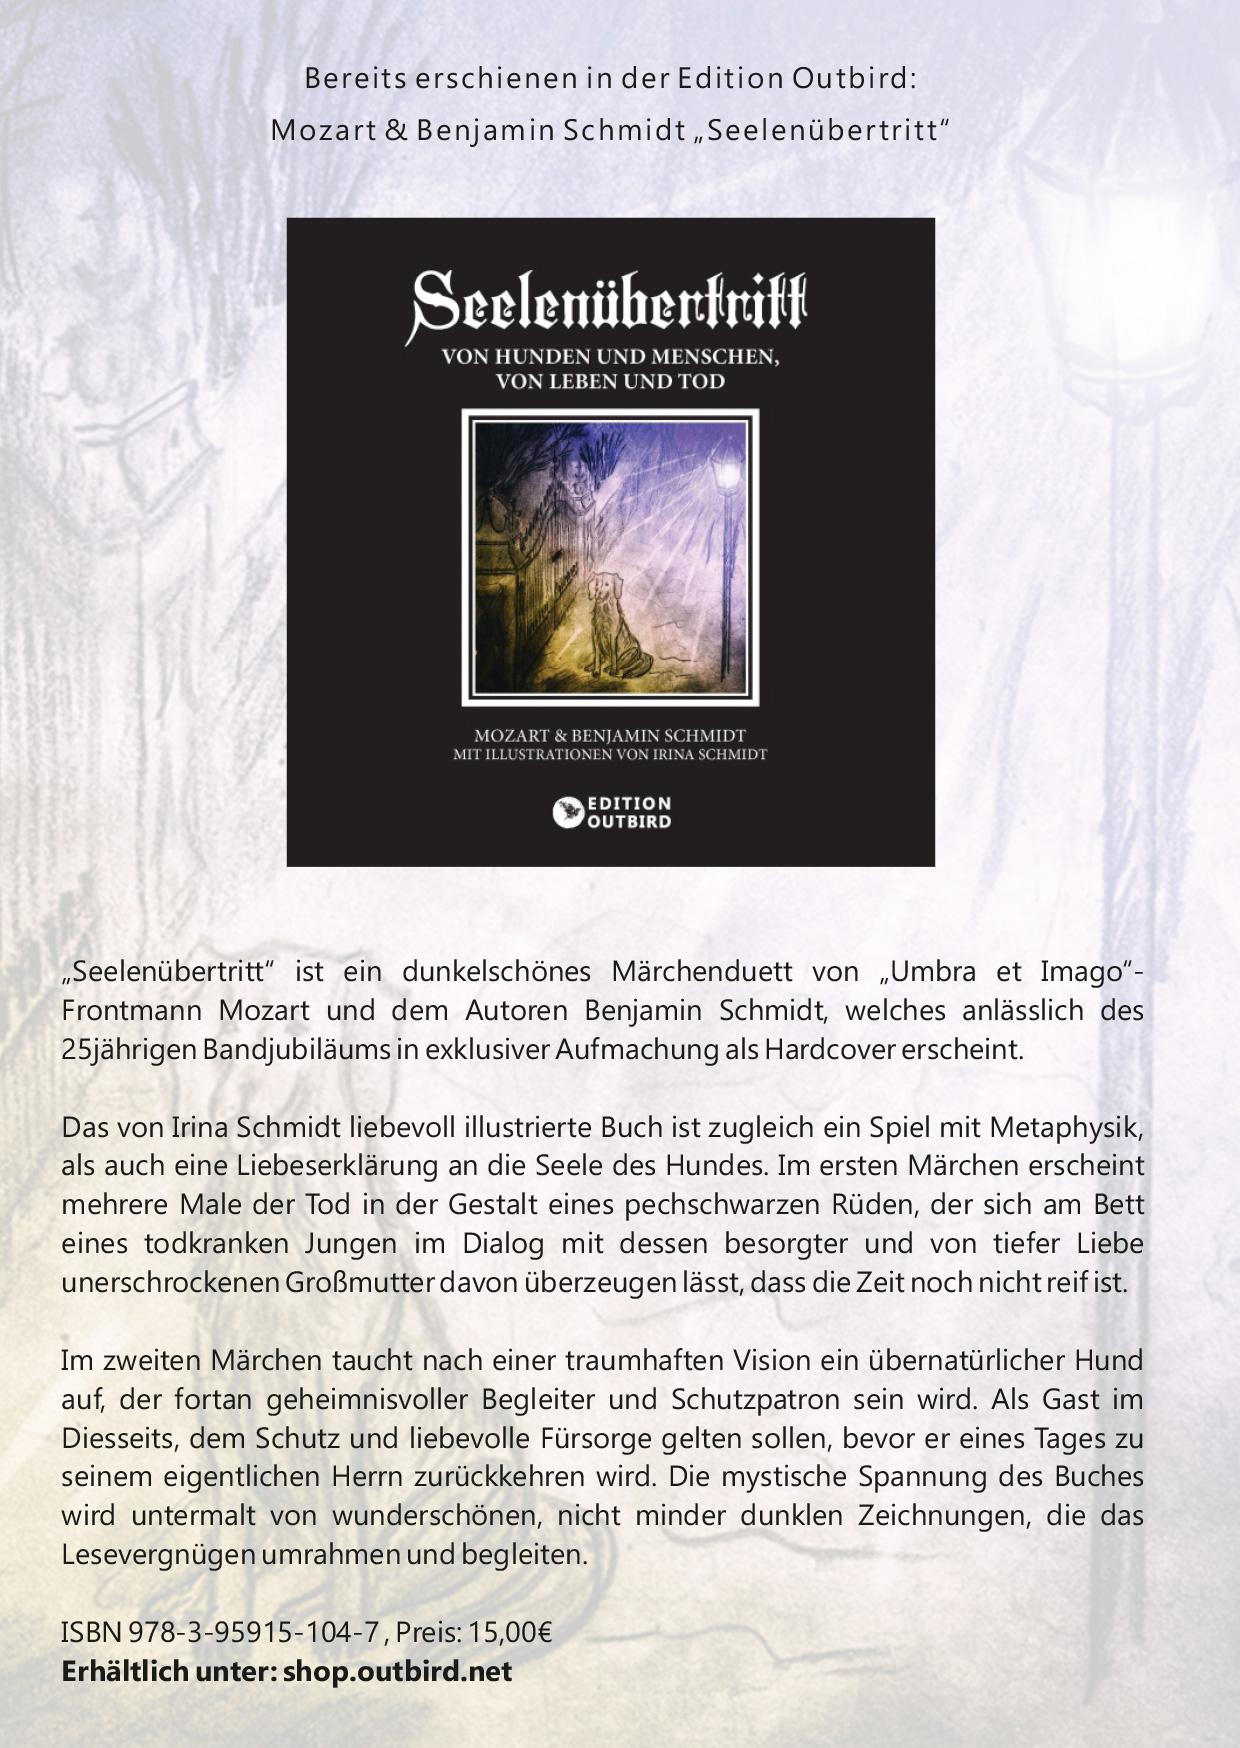 """""""Seelenübertritt"""" - ein Märchen von Mozart (Umbra et Imago) & Benjamin Schmidt"""